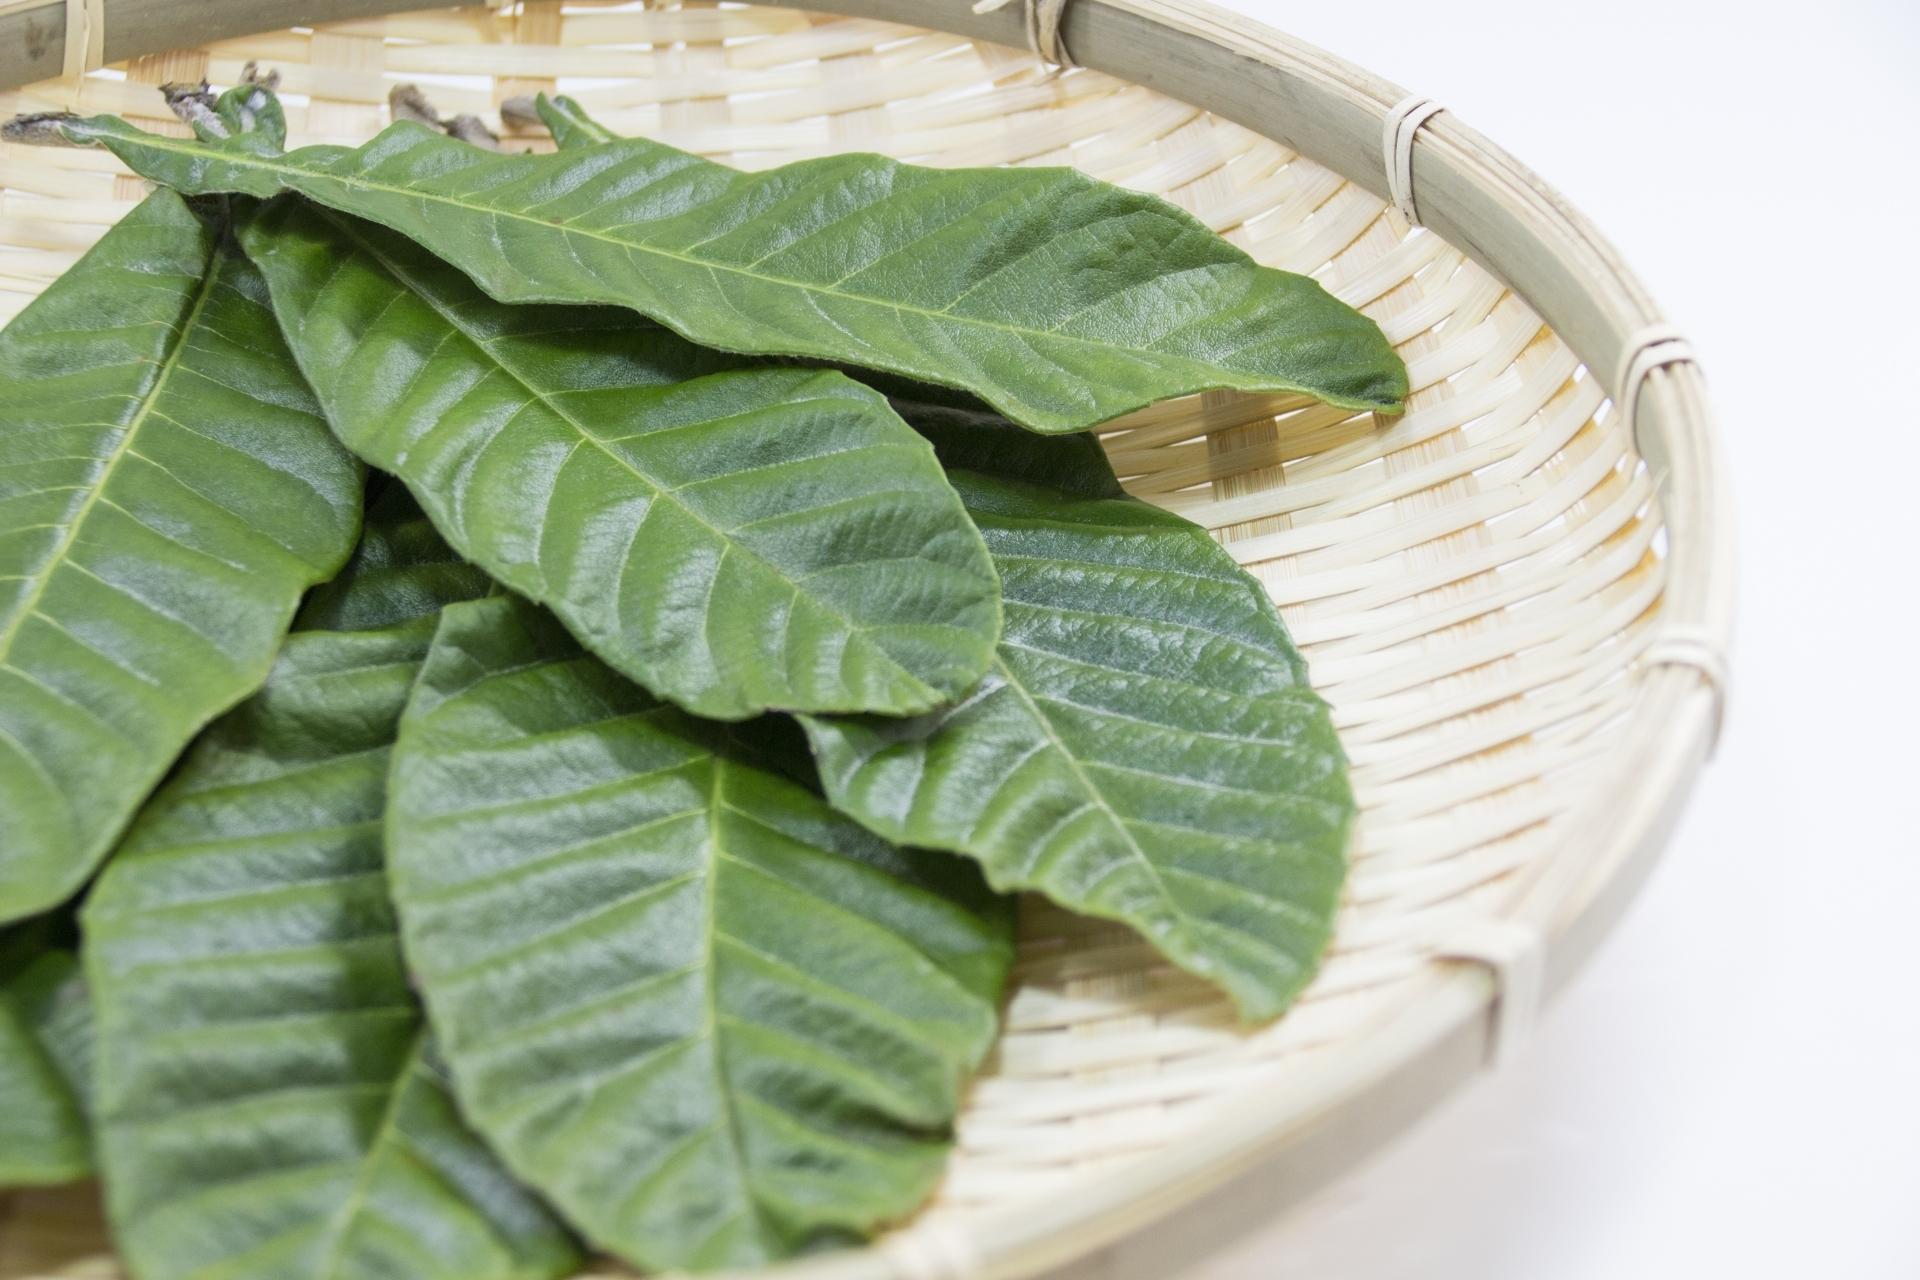 びわの葉エキスの活用方法を7つご紹介!湿布や化粧水としても効果あり?